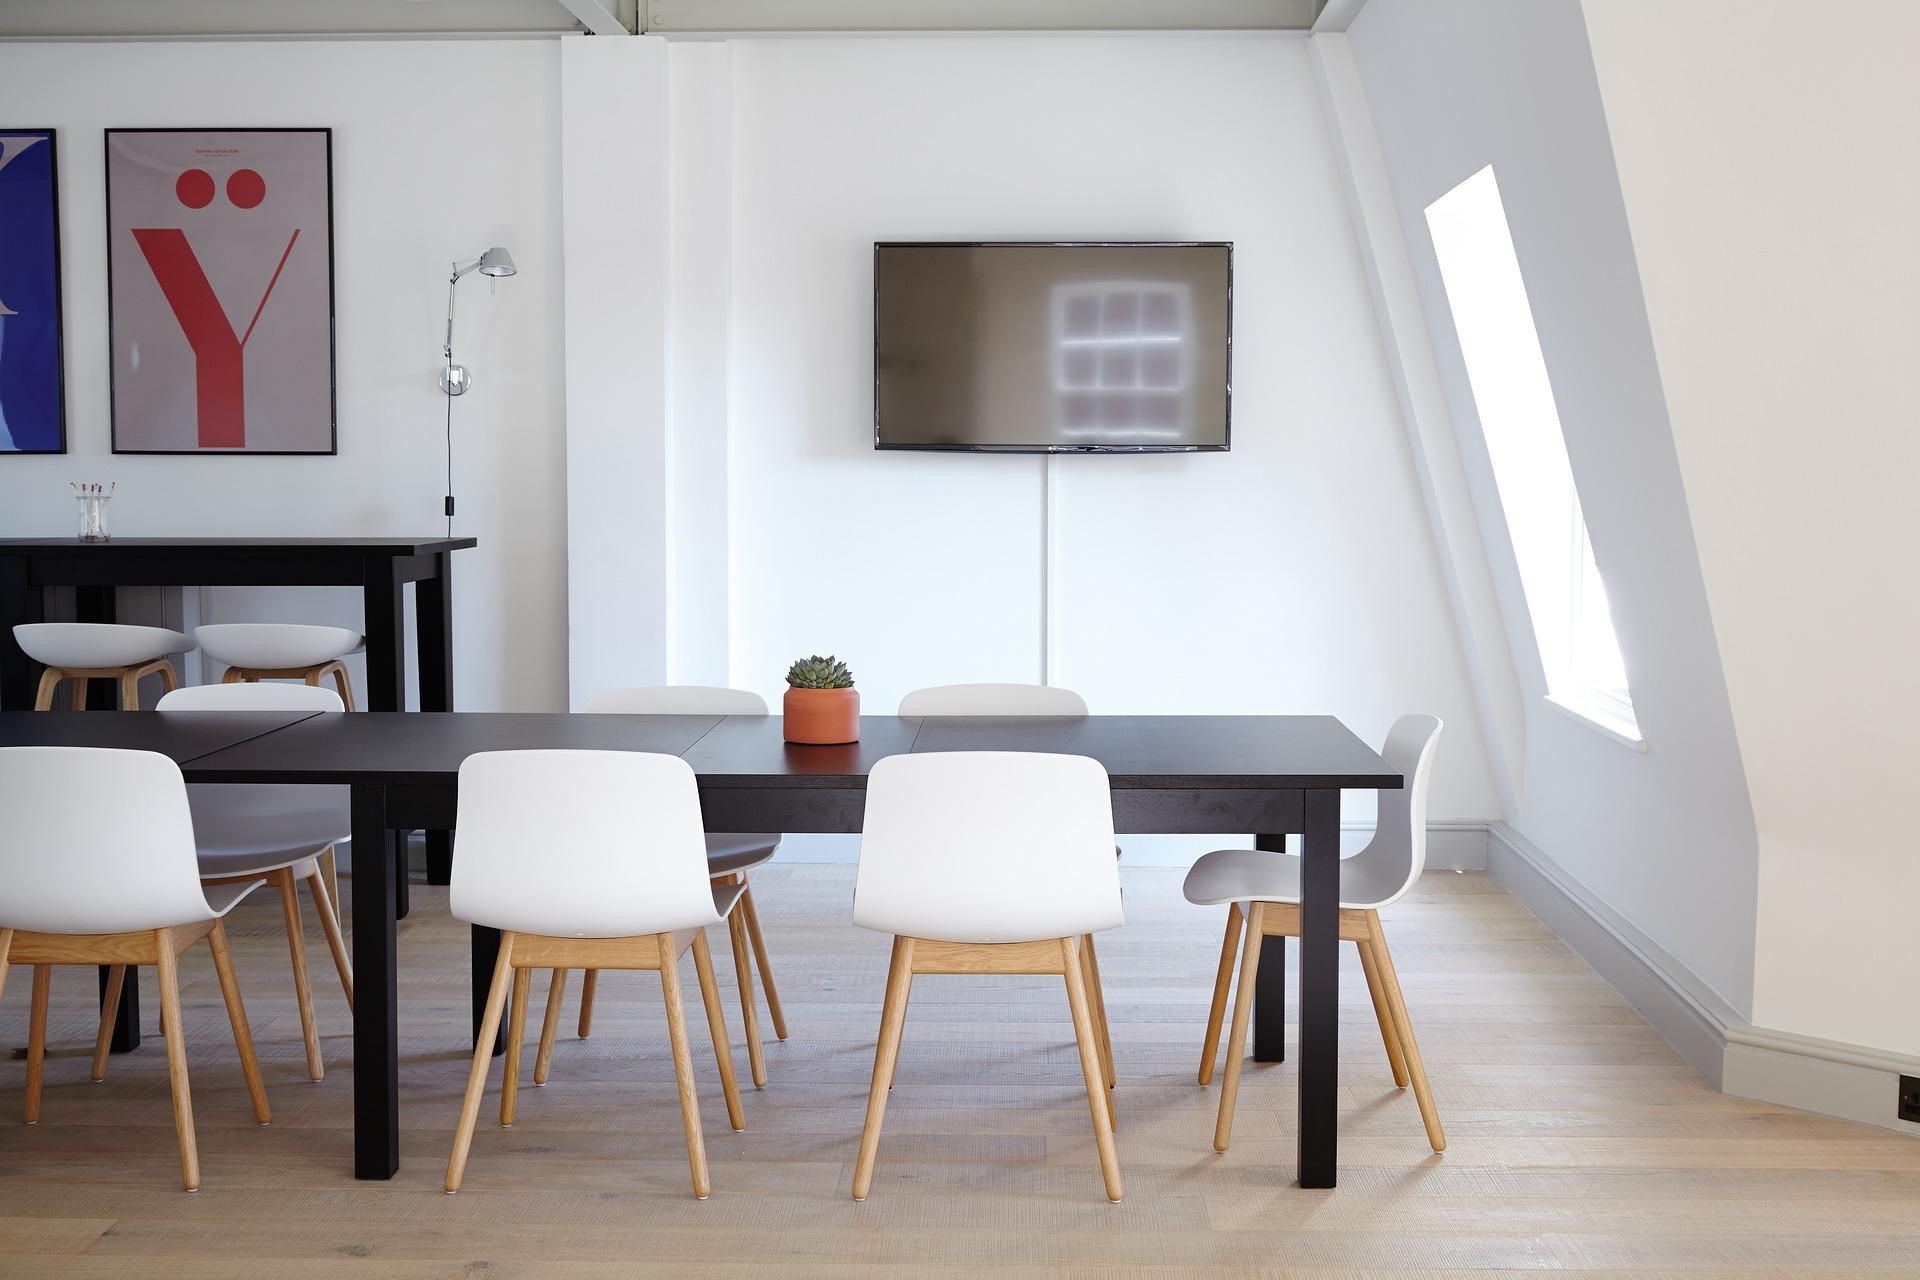 Quadri in casa: astratti nella sala da pranzo